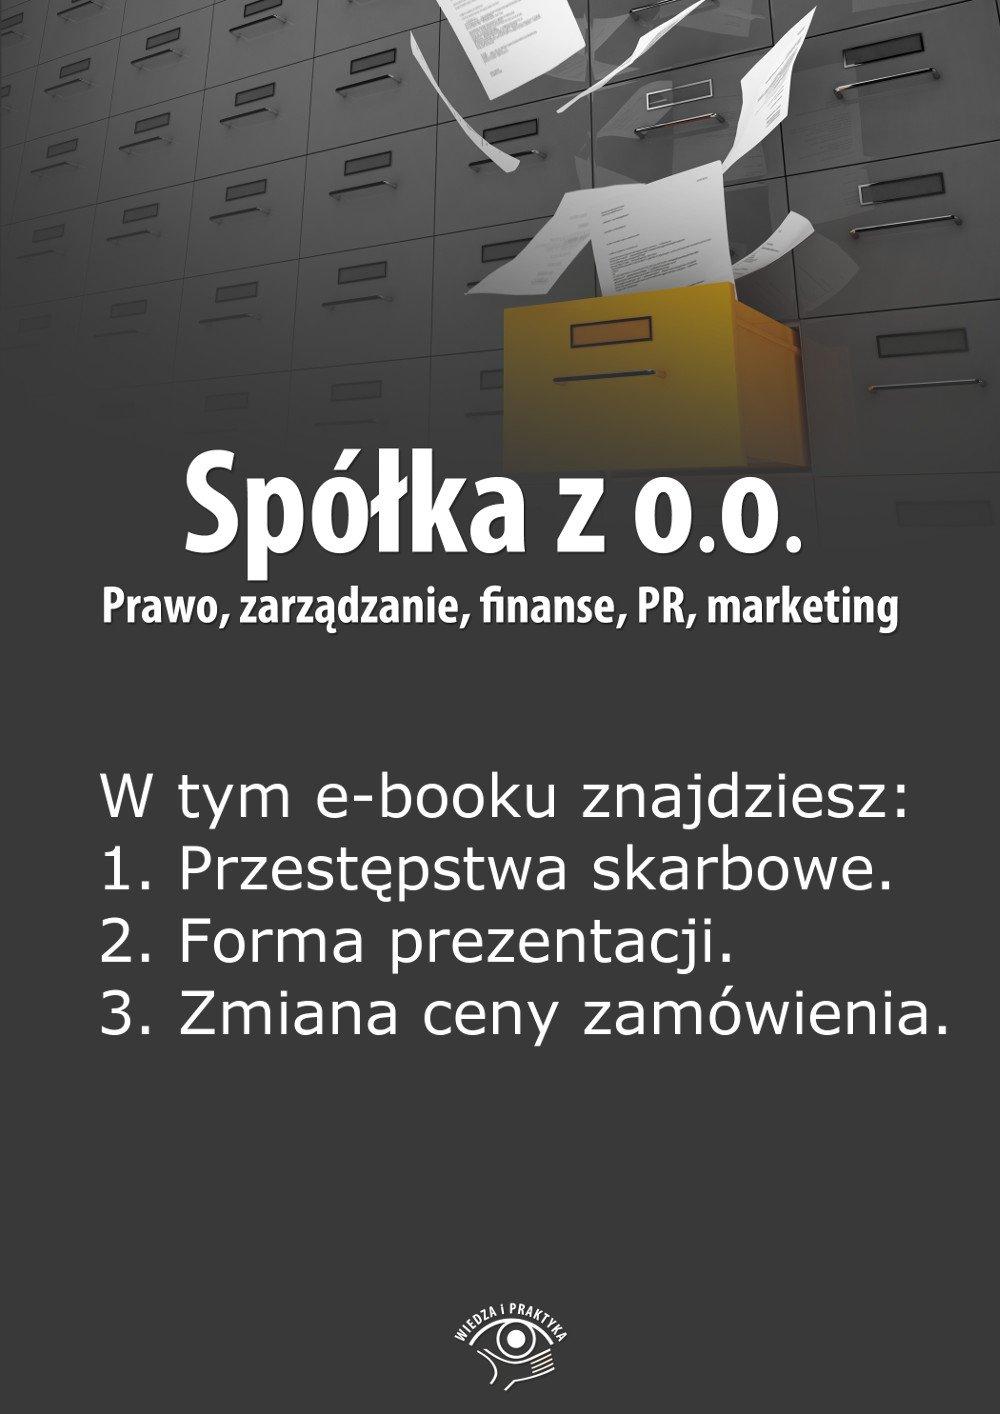 Spółka z o.o. Prawo, zarządzanie, finanse, PR, marketing. Wydanie kwiecień 2014 r. - Ebook (Książka EPUB) do pobrania w formacie EPUB